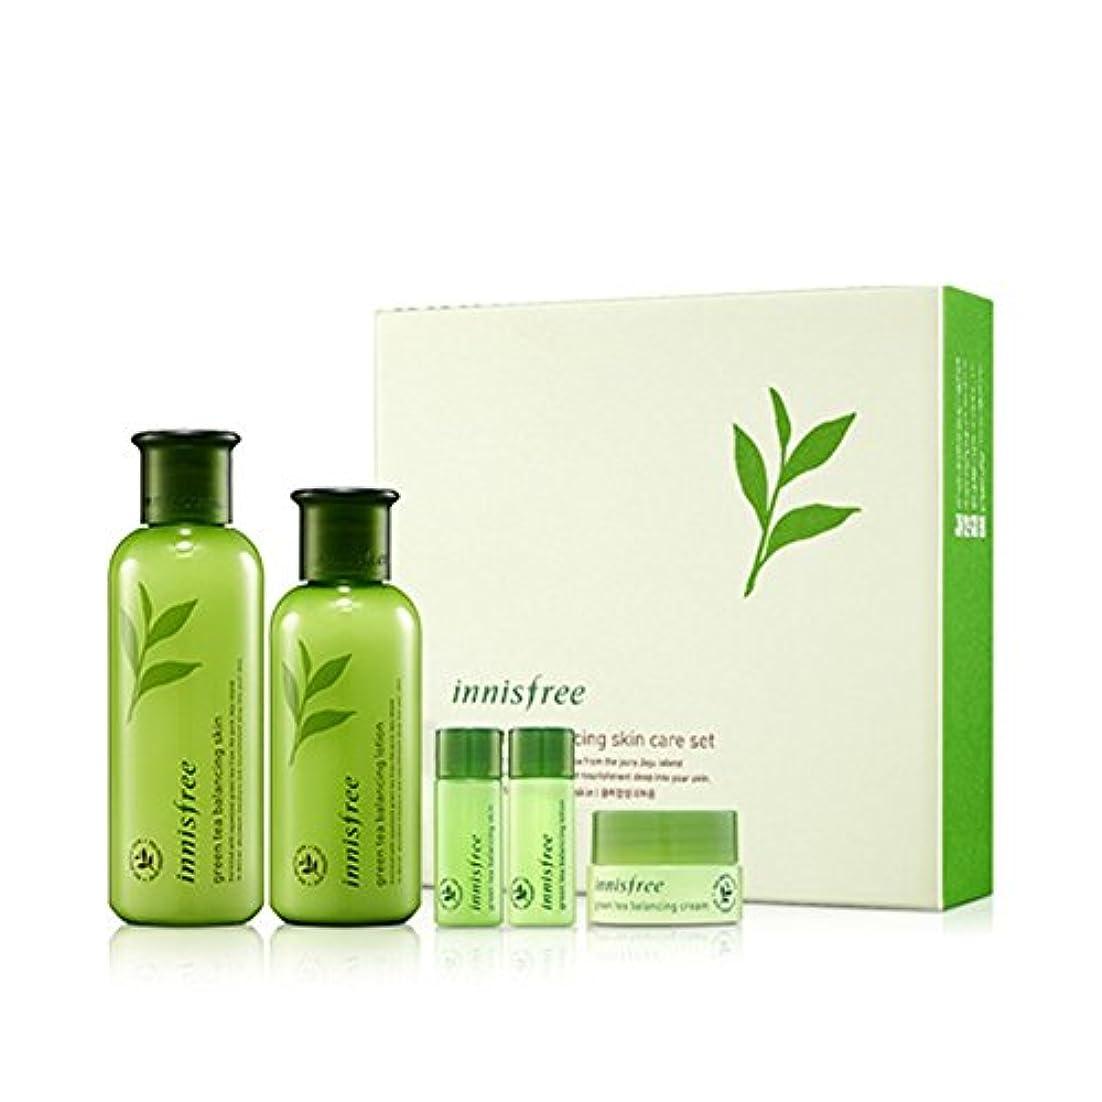 天才王朝外出[イニスフリー] Innisfree [グリーンティーバランシングスペシャルスキンケアセット] Green Tea Balancing Special Skin Care Set [海外直送品]